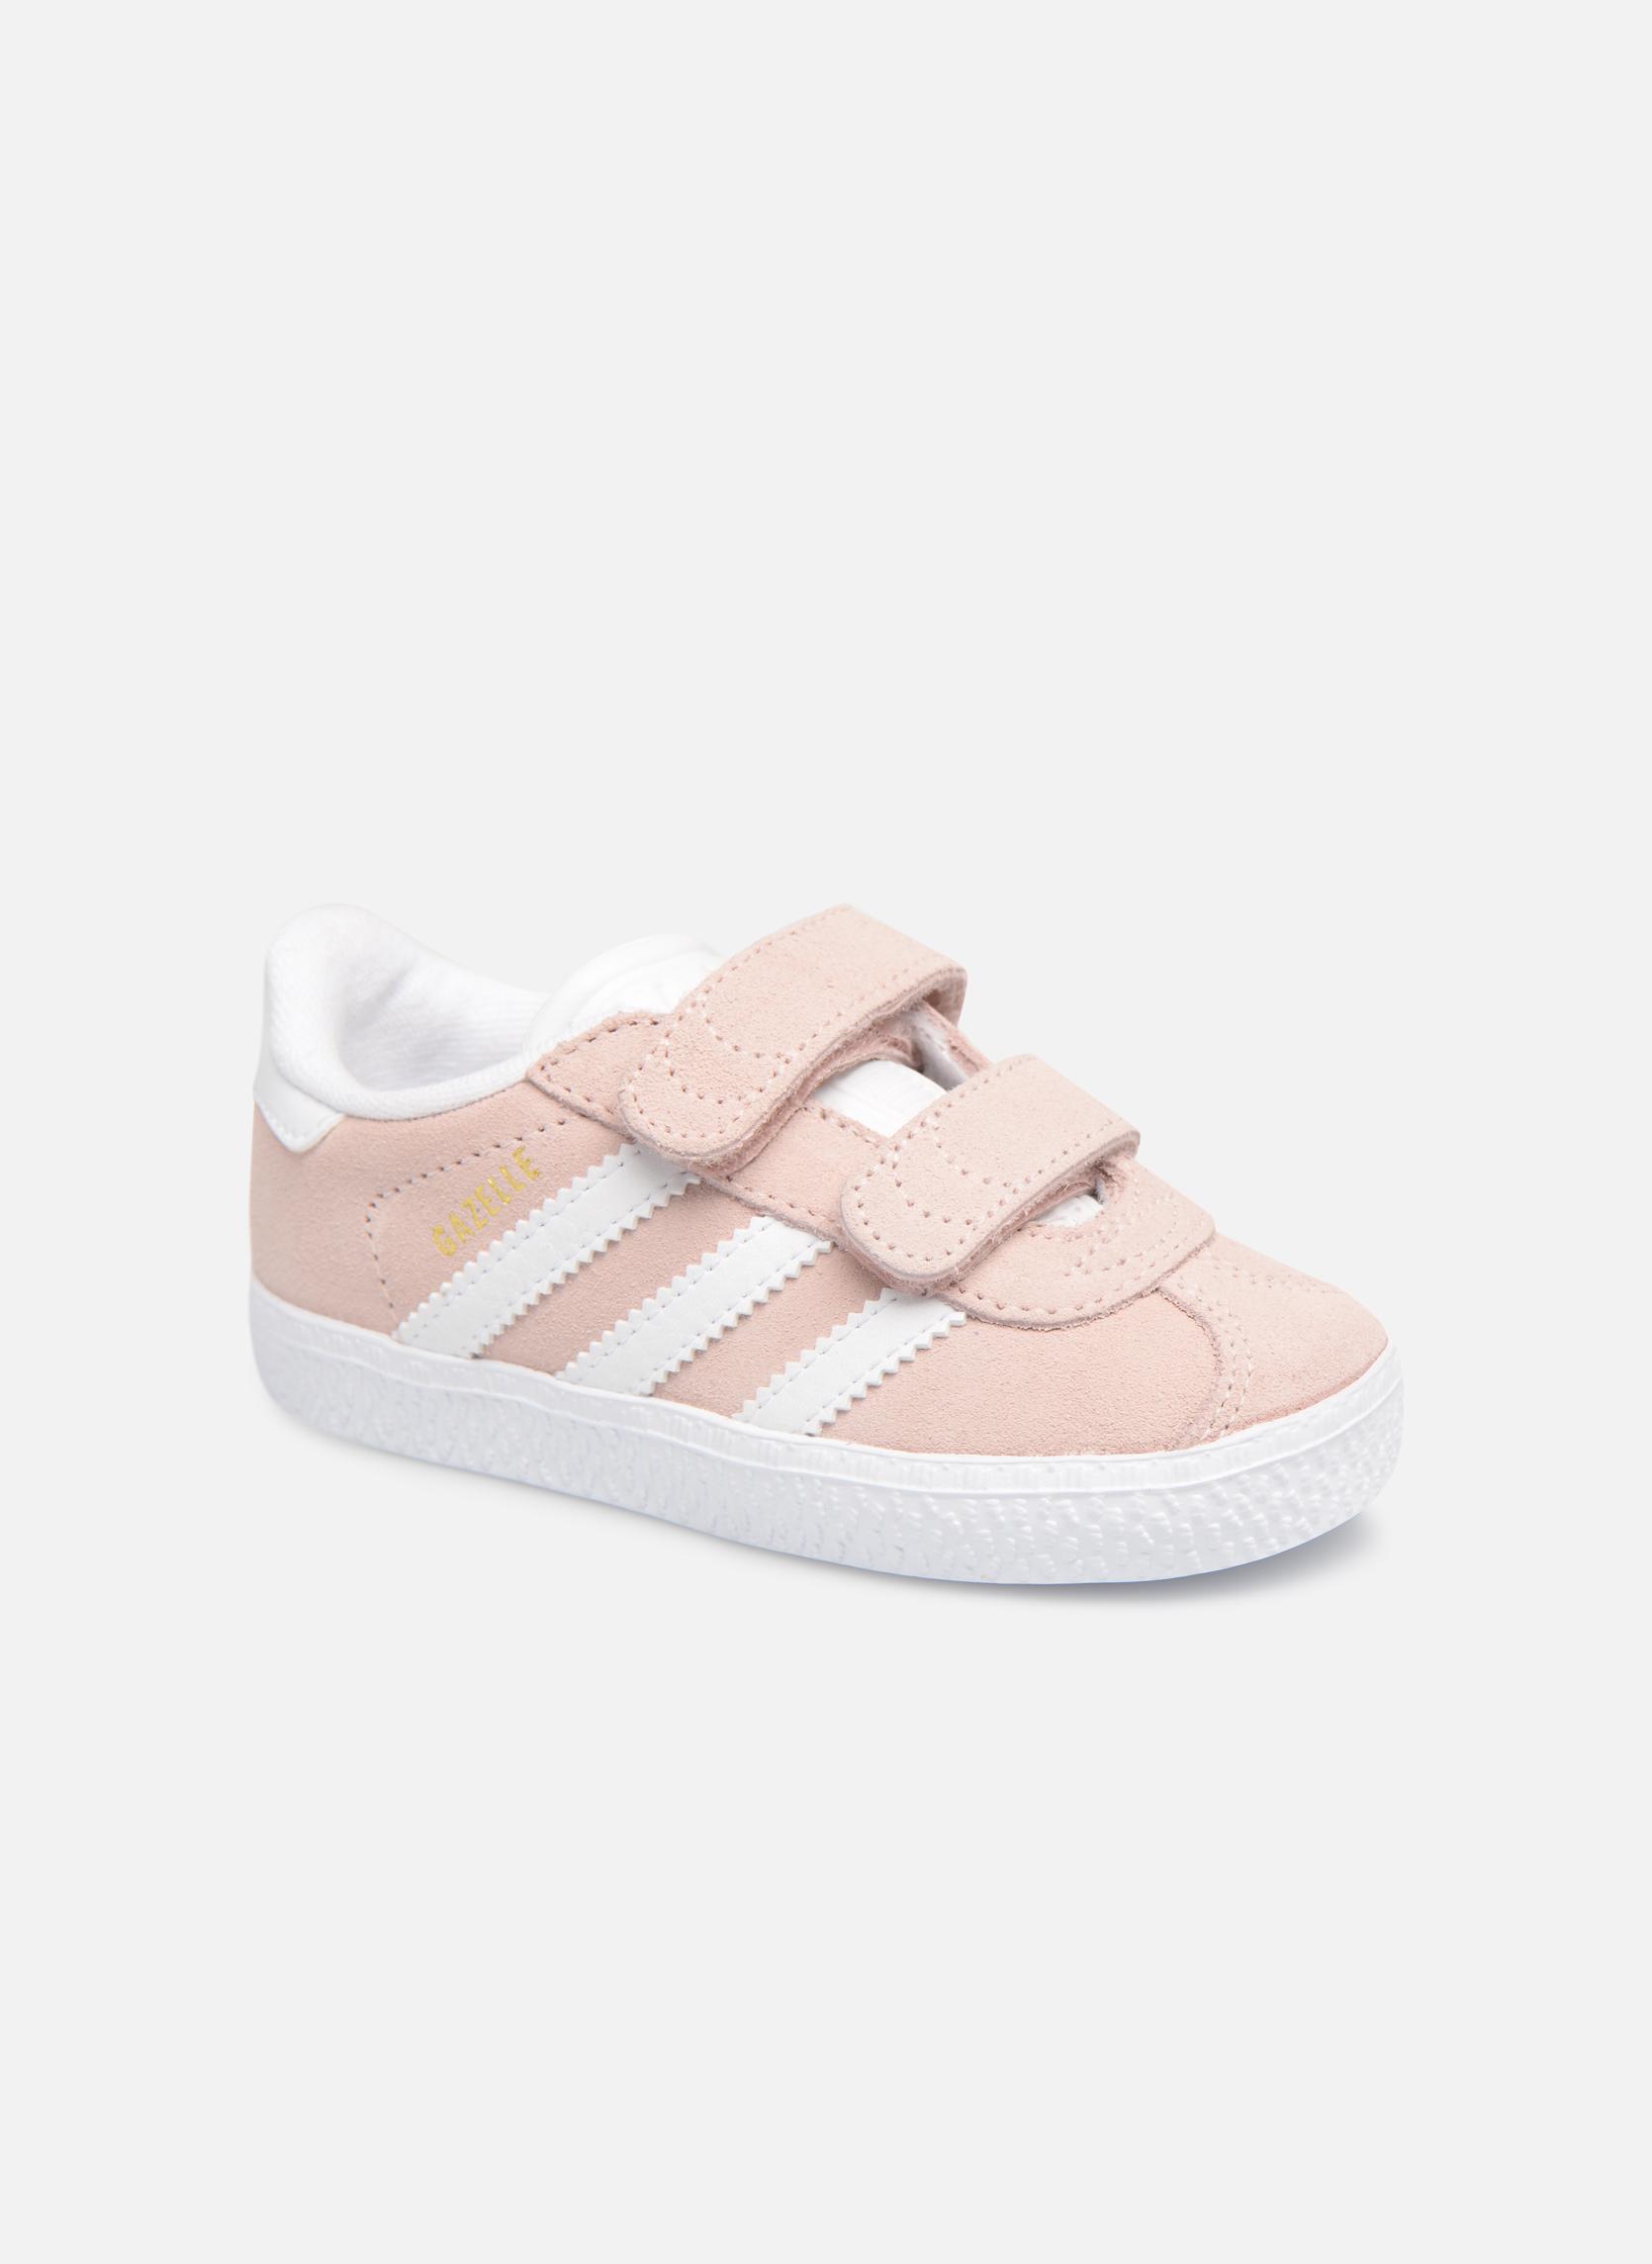 4ed2de980423 Tilbud På Sneakers Til Kvinder